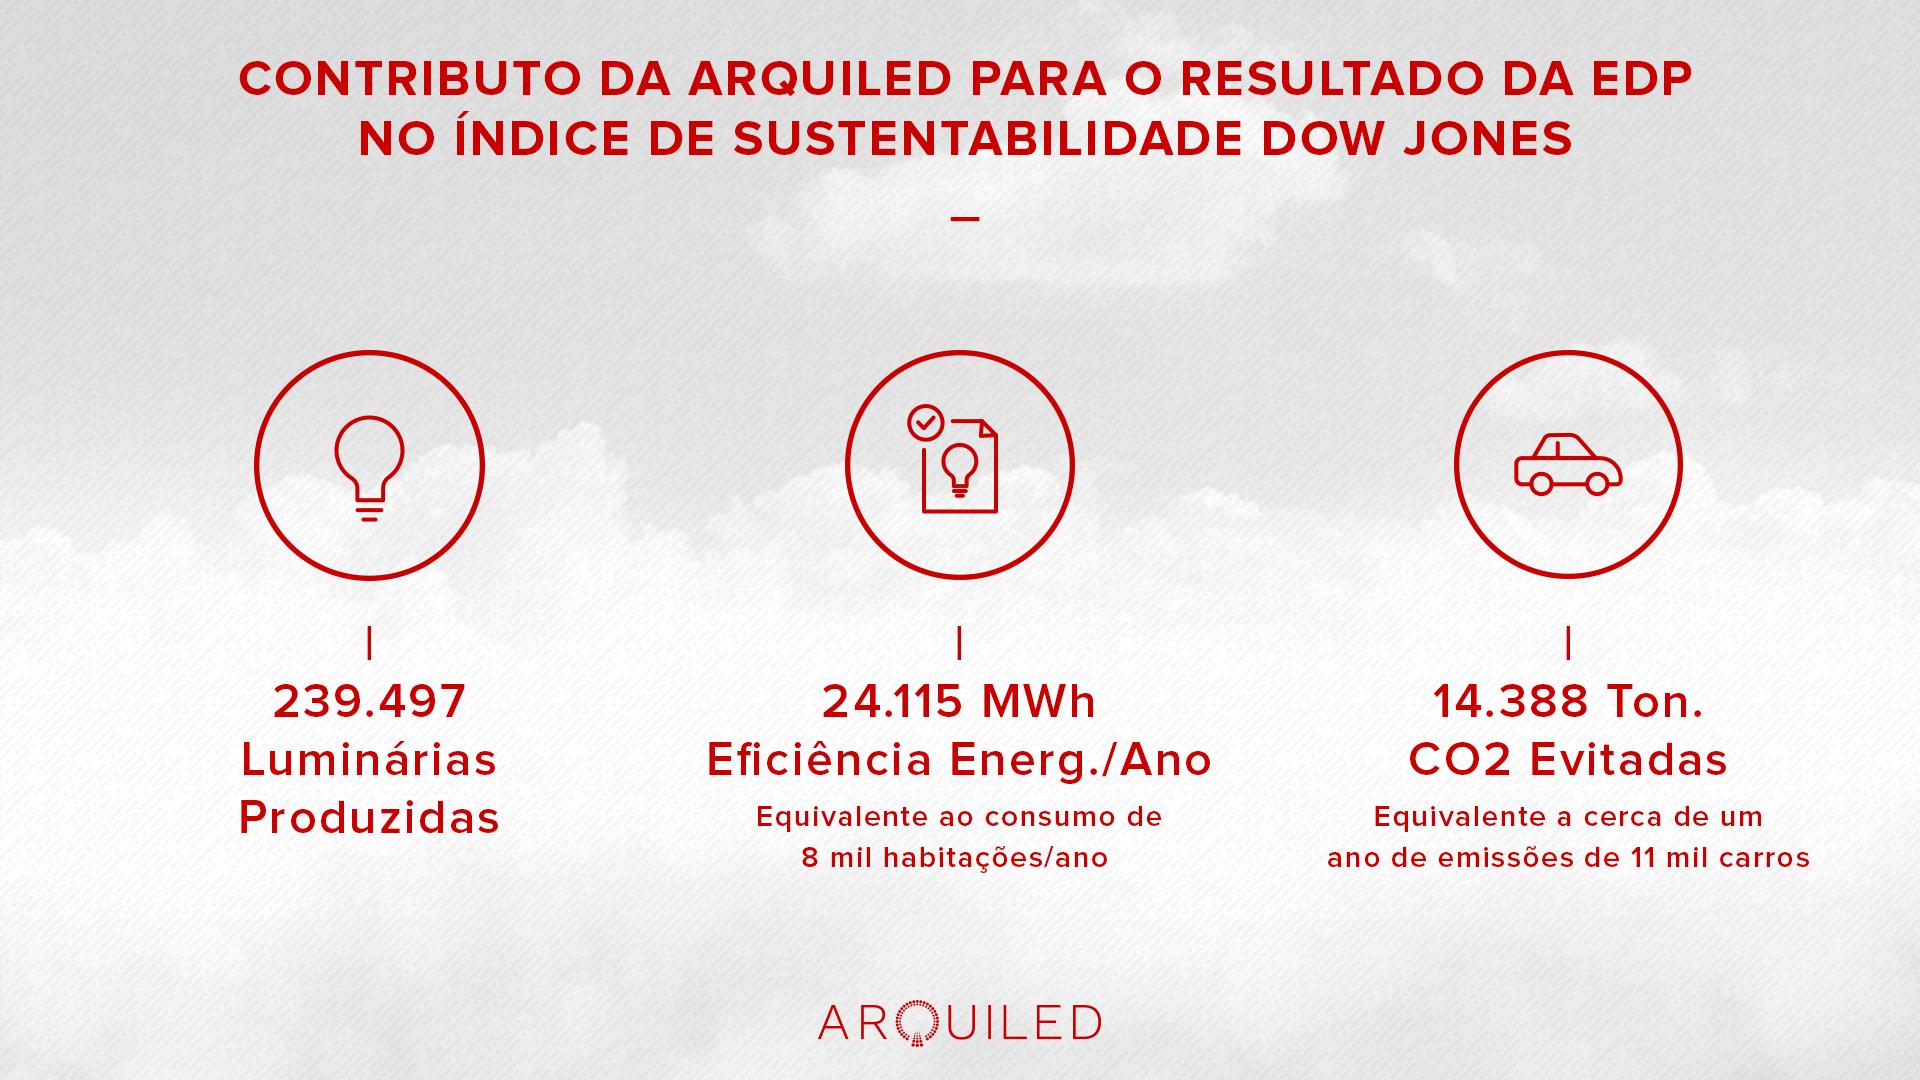 Contributo da Arquiled para o resultado da EDP no Índice de Sustentabilidade Dow Jones